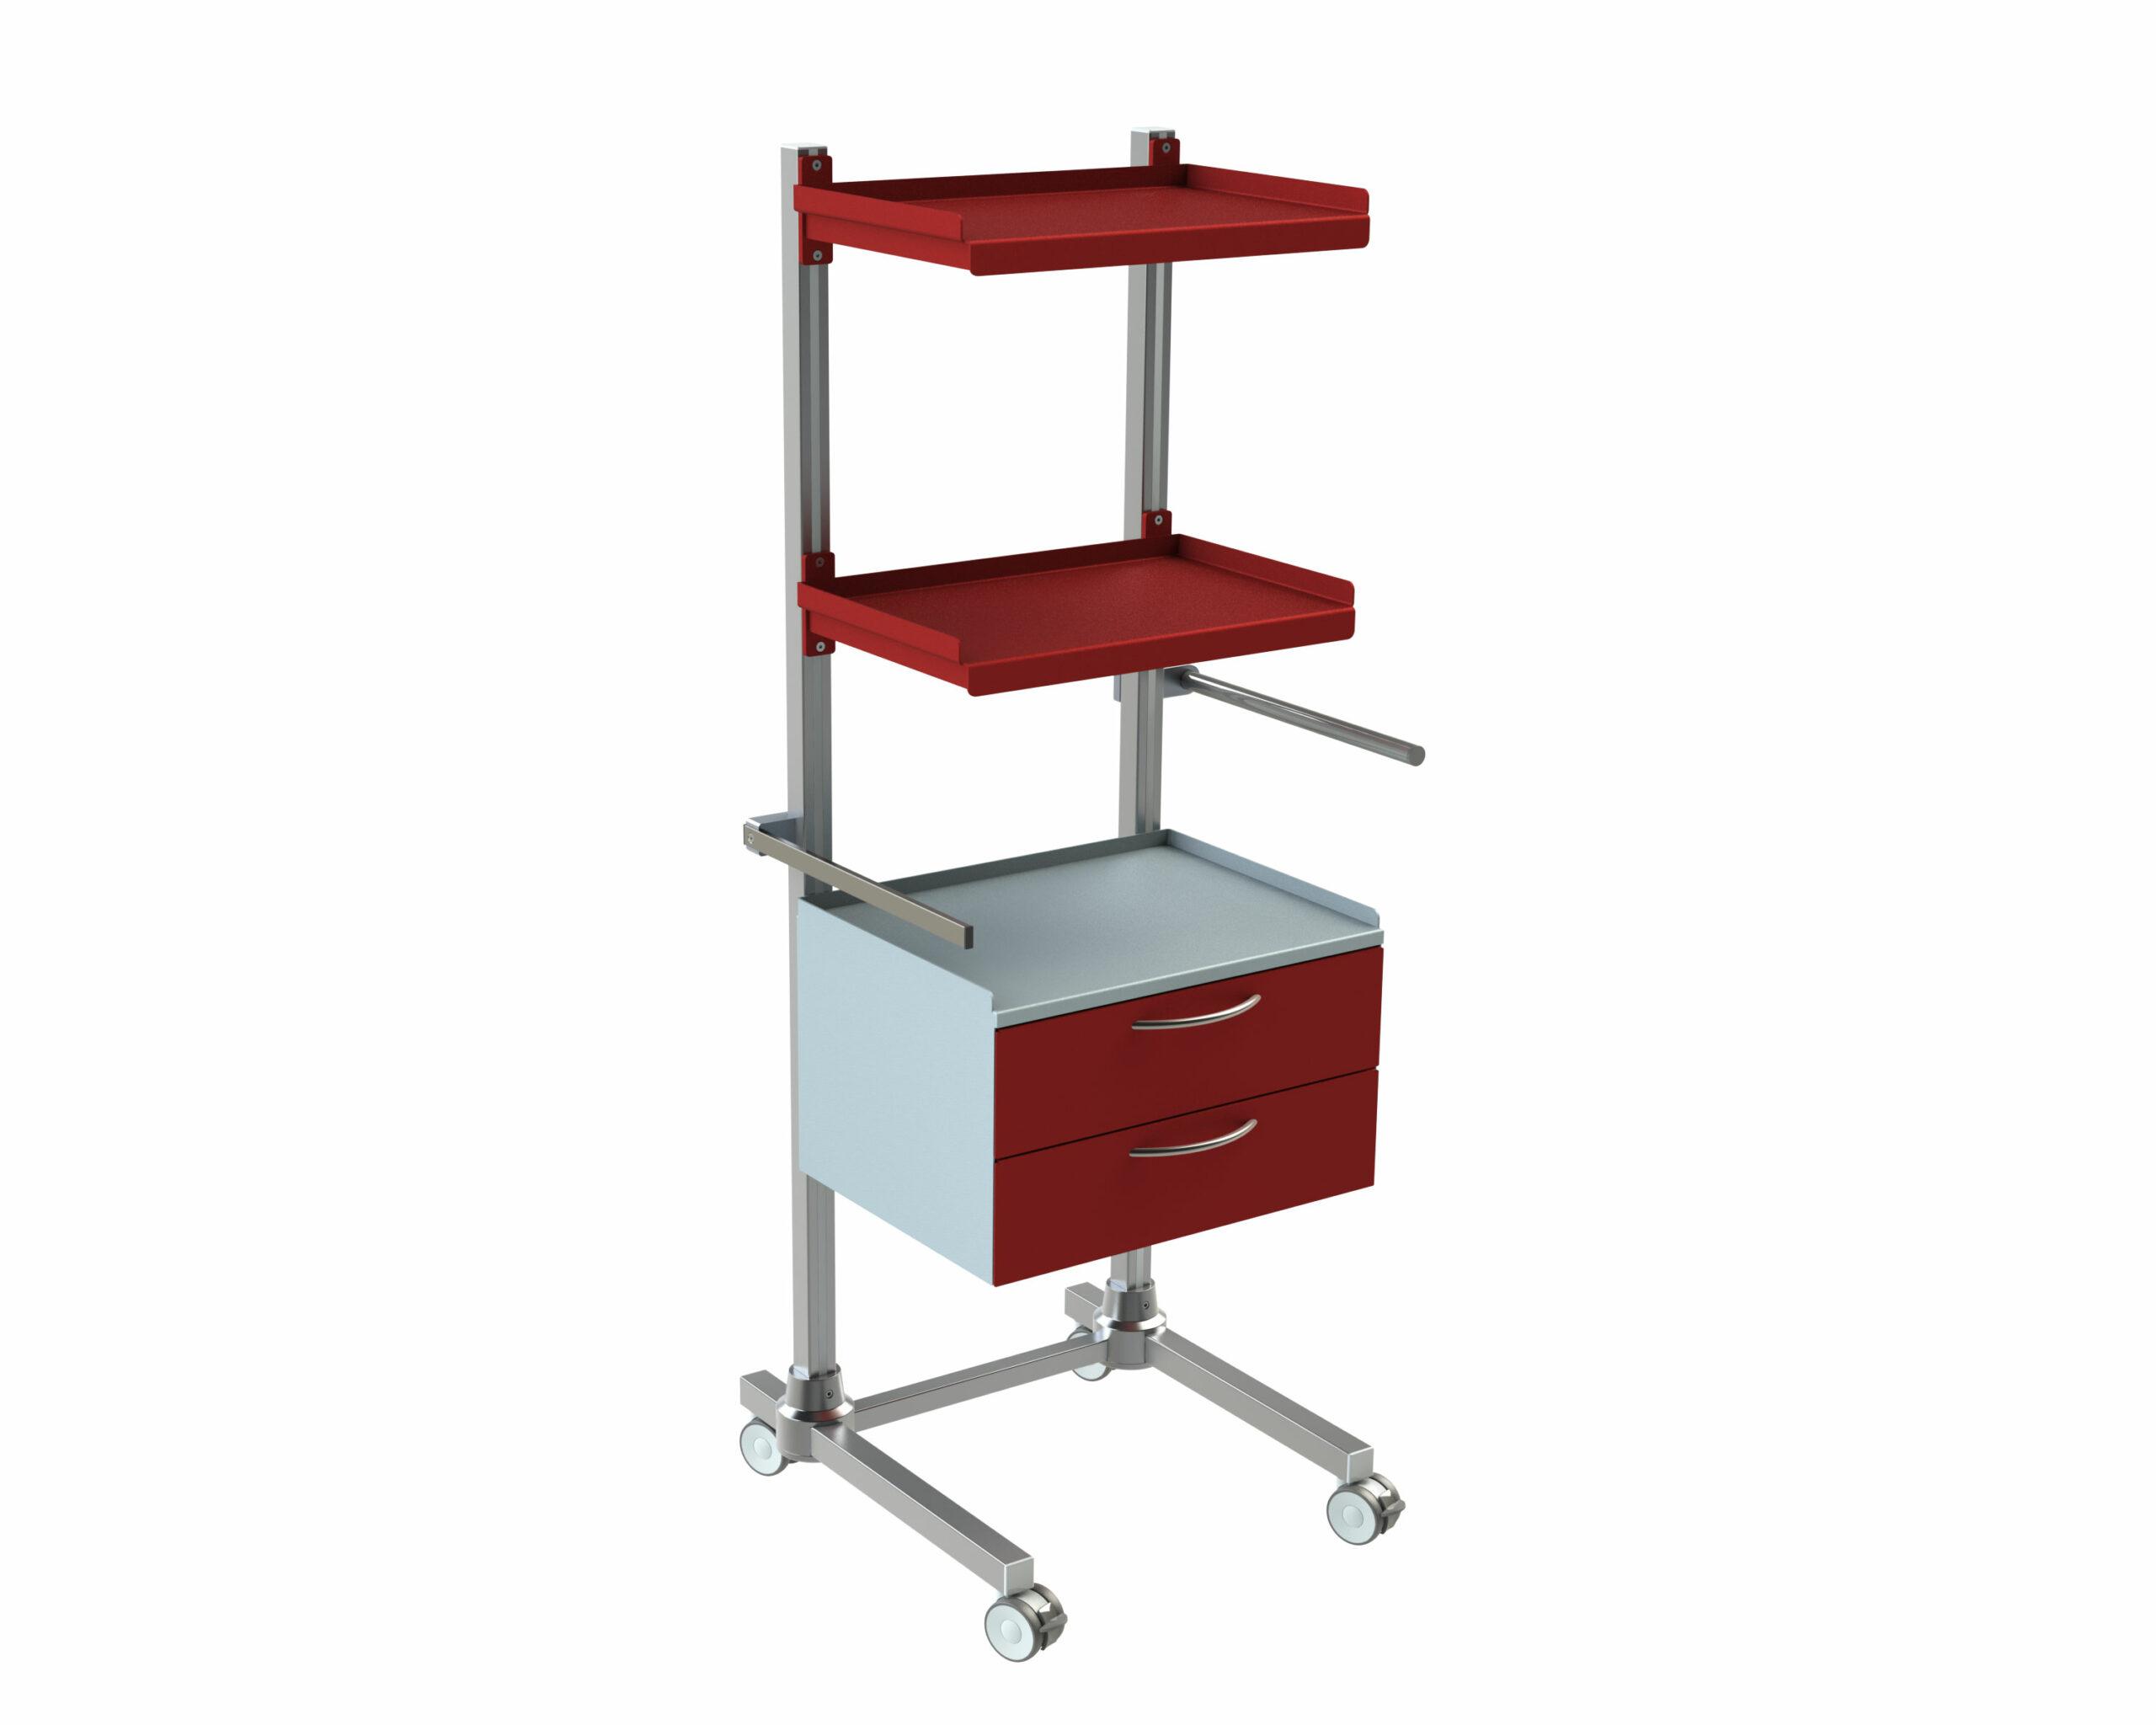 Hygienestation-Henry-2-Schubladen-Normschiene-Transportgriff-2-Arbeitsplatten-Reling